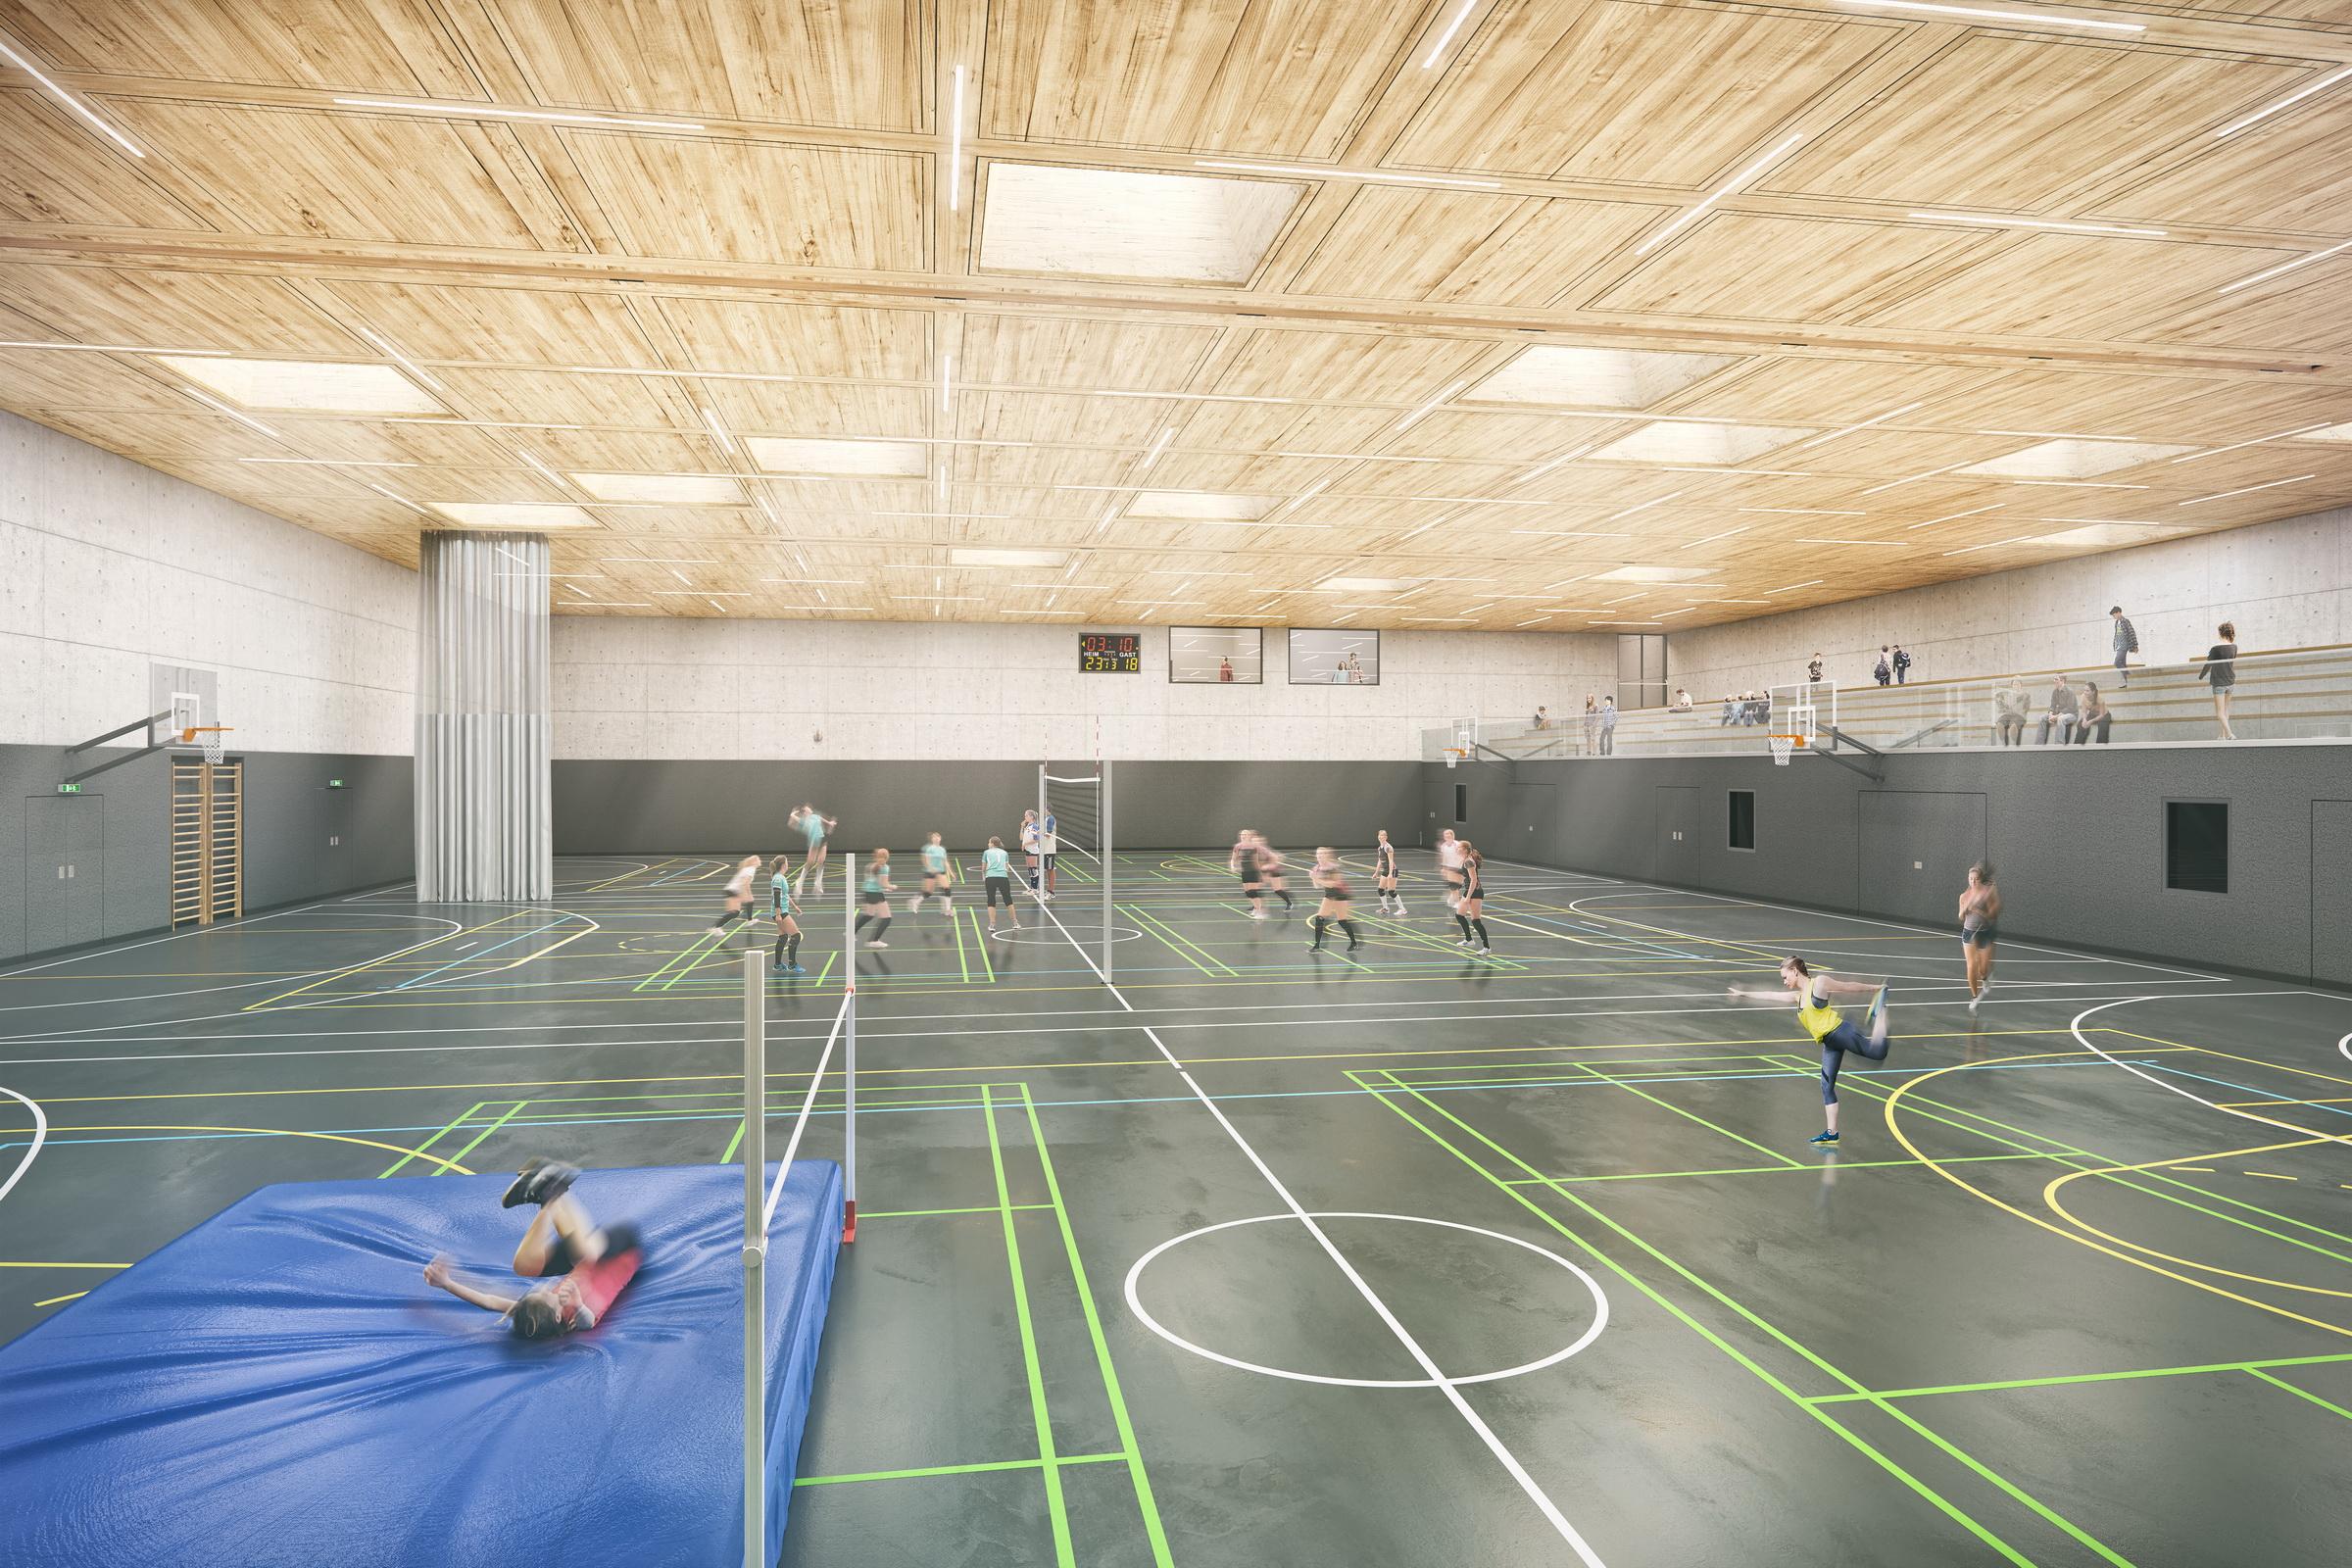 fun_architekten_Ravensberger_Gymnasium_Sporthalle_180411_01